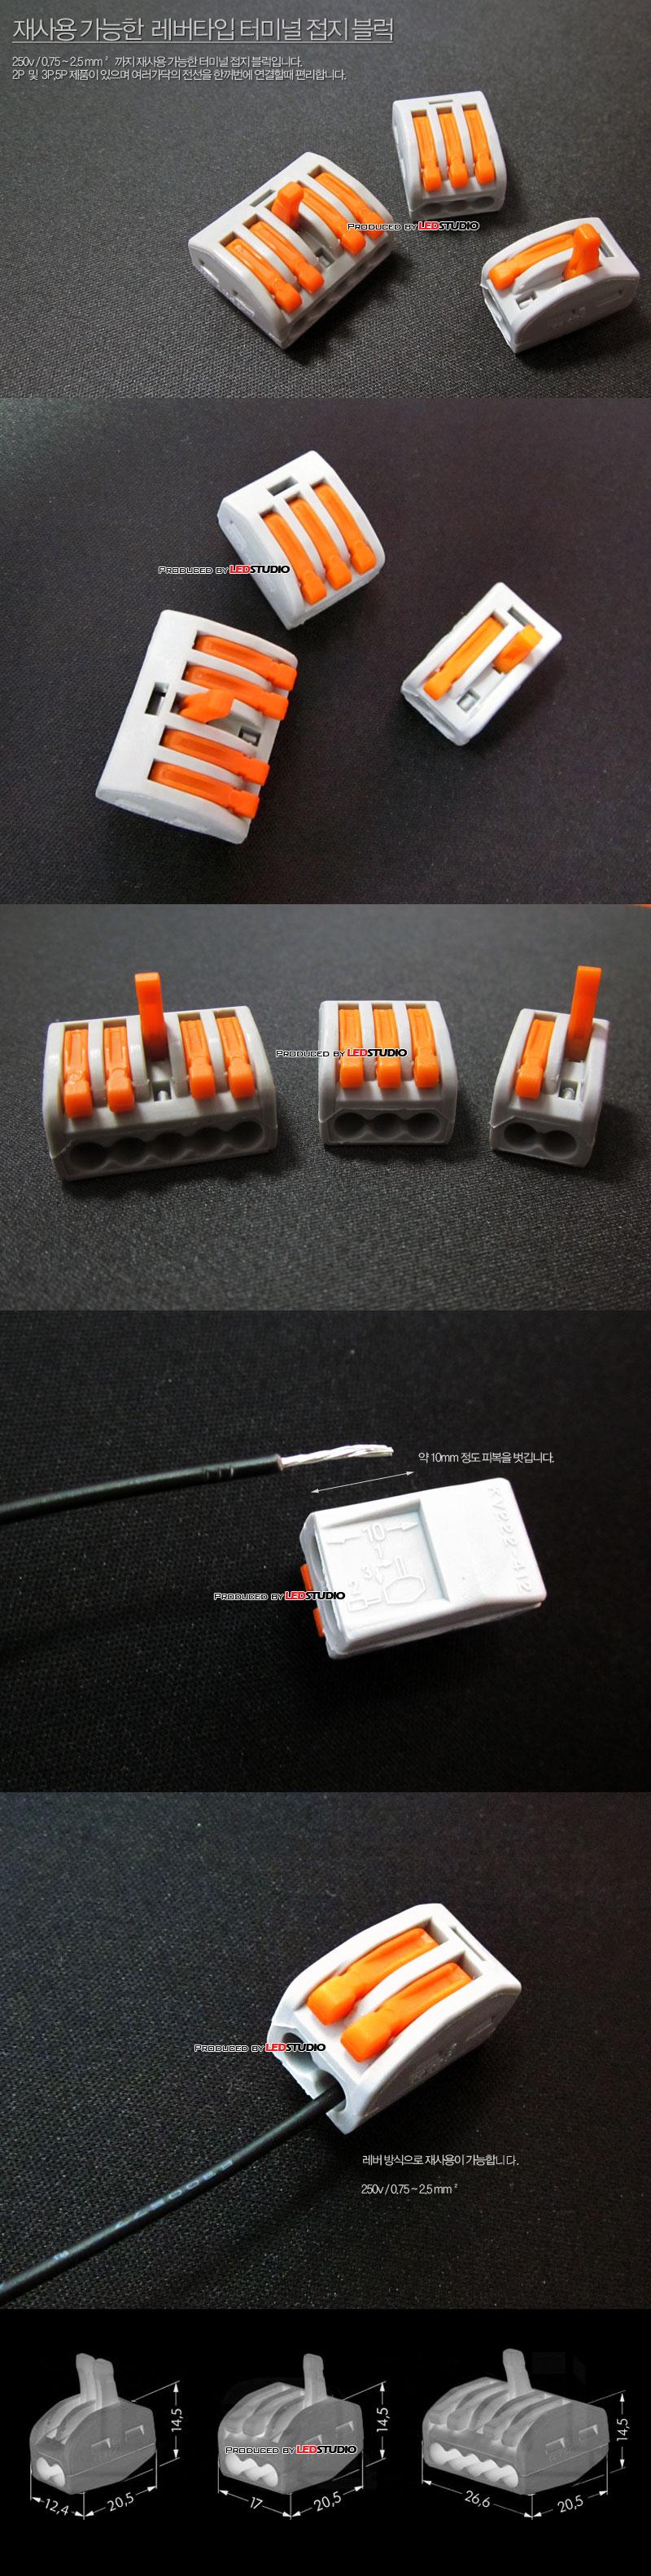 재사용 가능한  레버타입 터미널 접지 블럭 - 3P